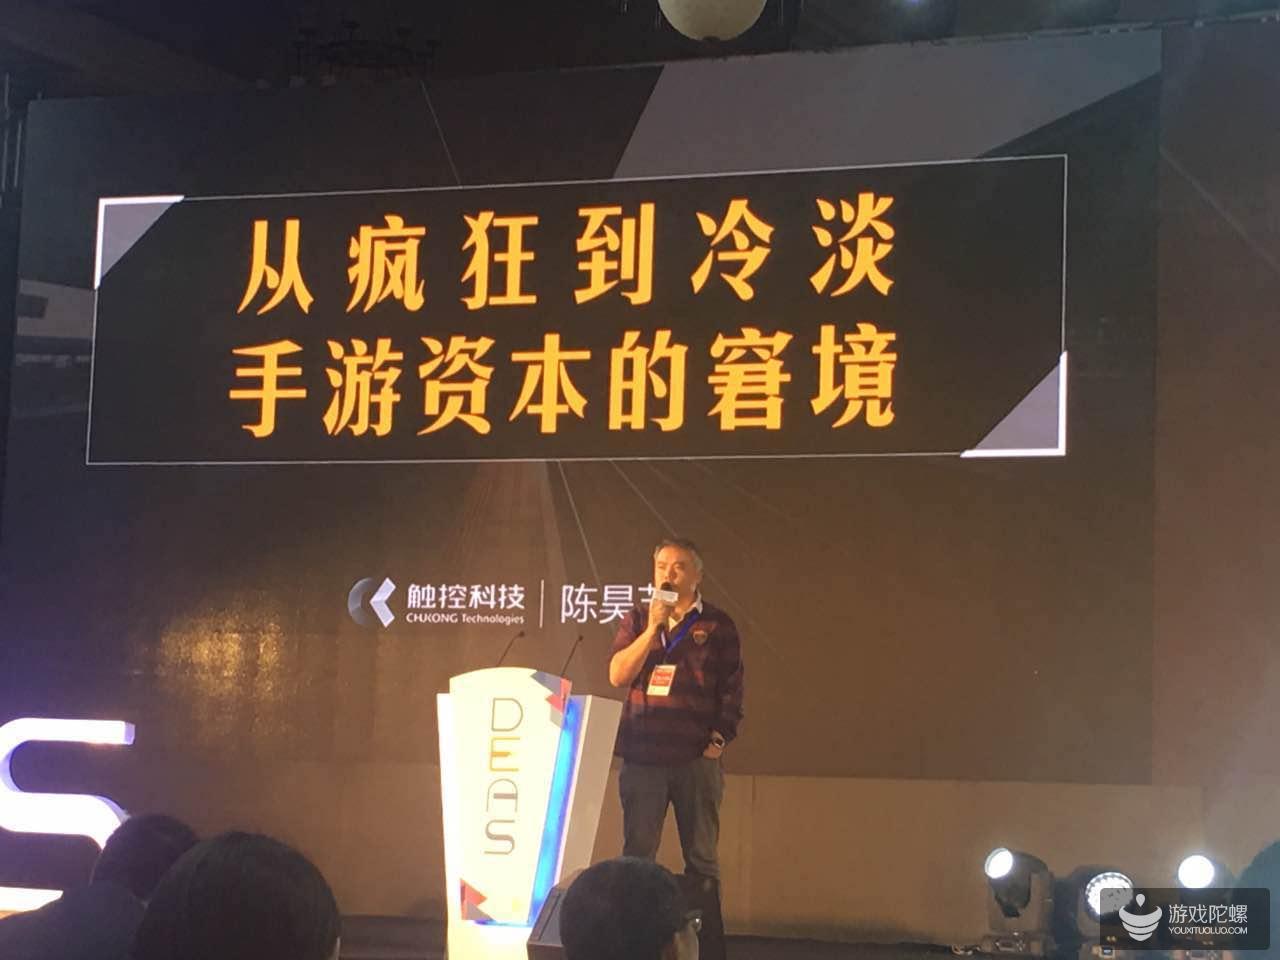 触控科技CEO陈昊芝:市场冷淡,但我们要敬畏资本